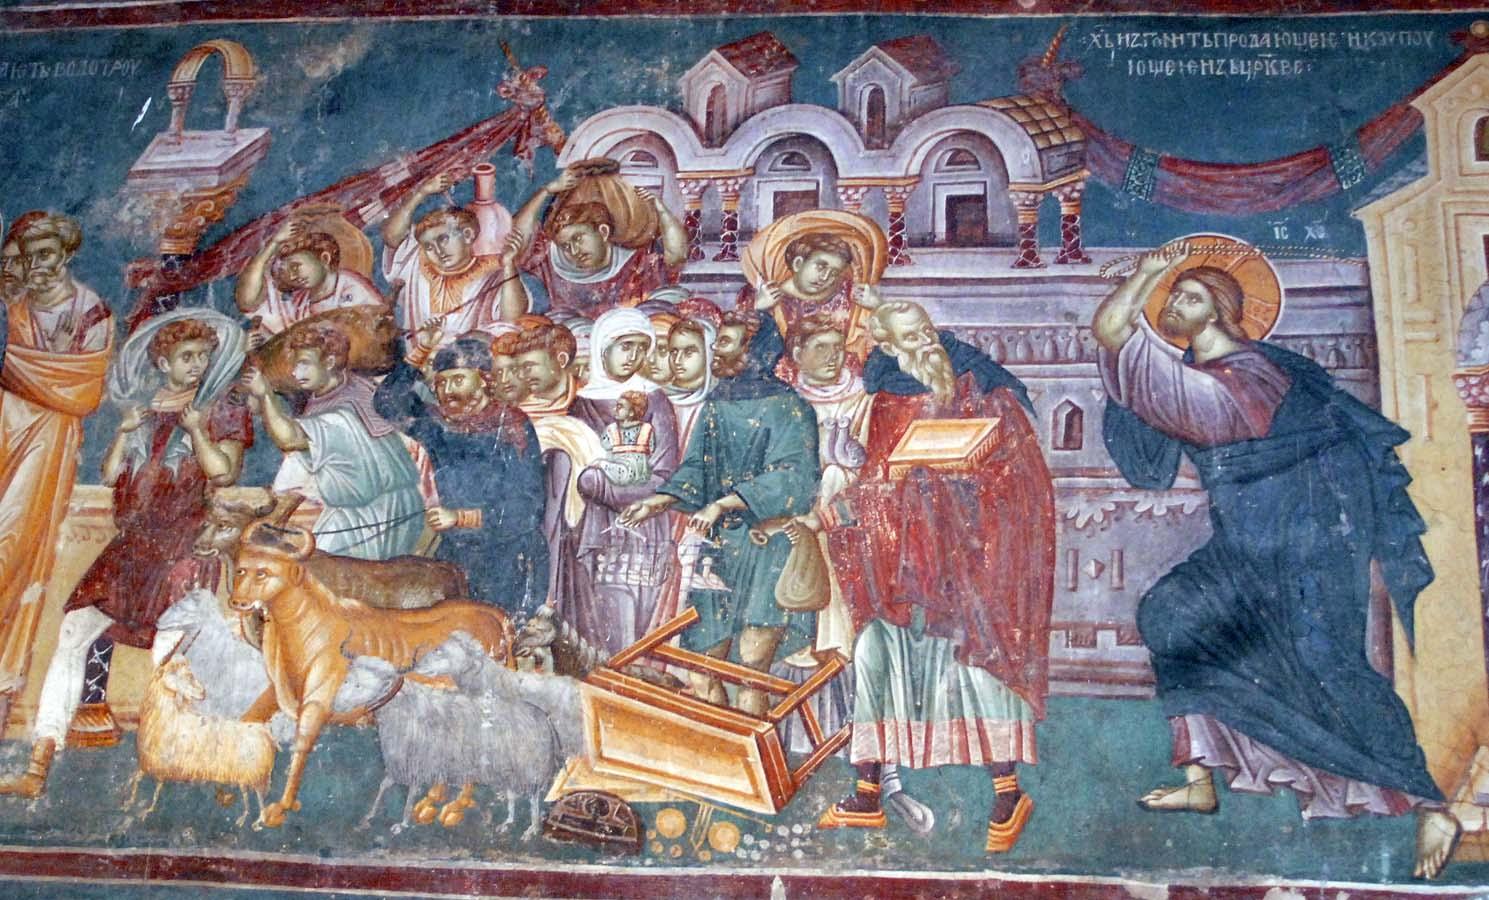 Sermon, Lent, Lent 3B, John 2:13-22, Cleanising the Temple, Dvid Whyte